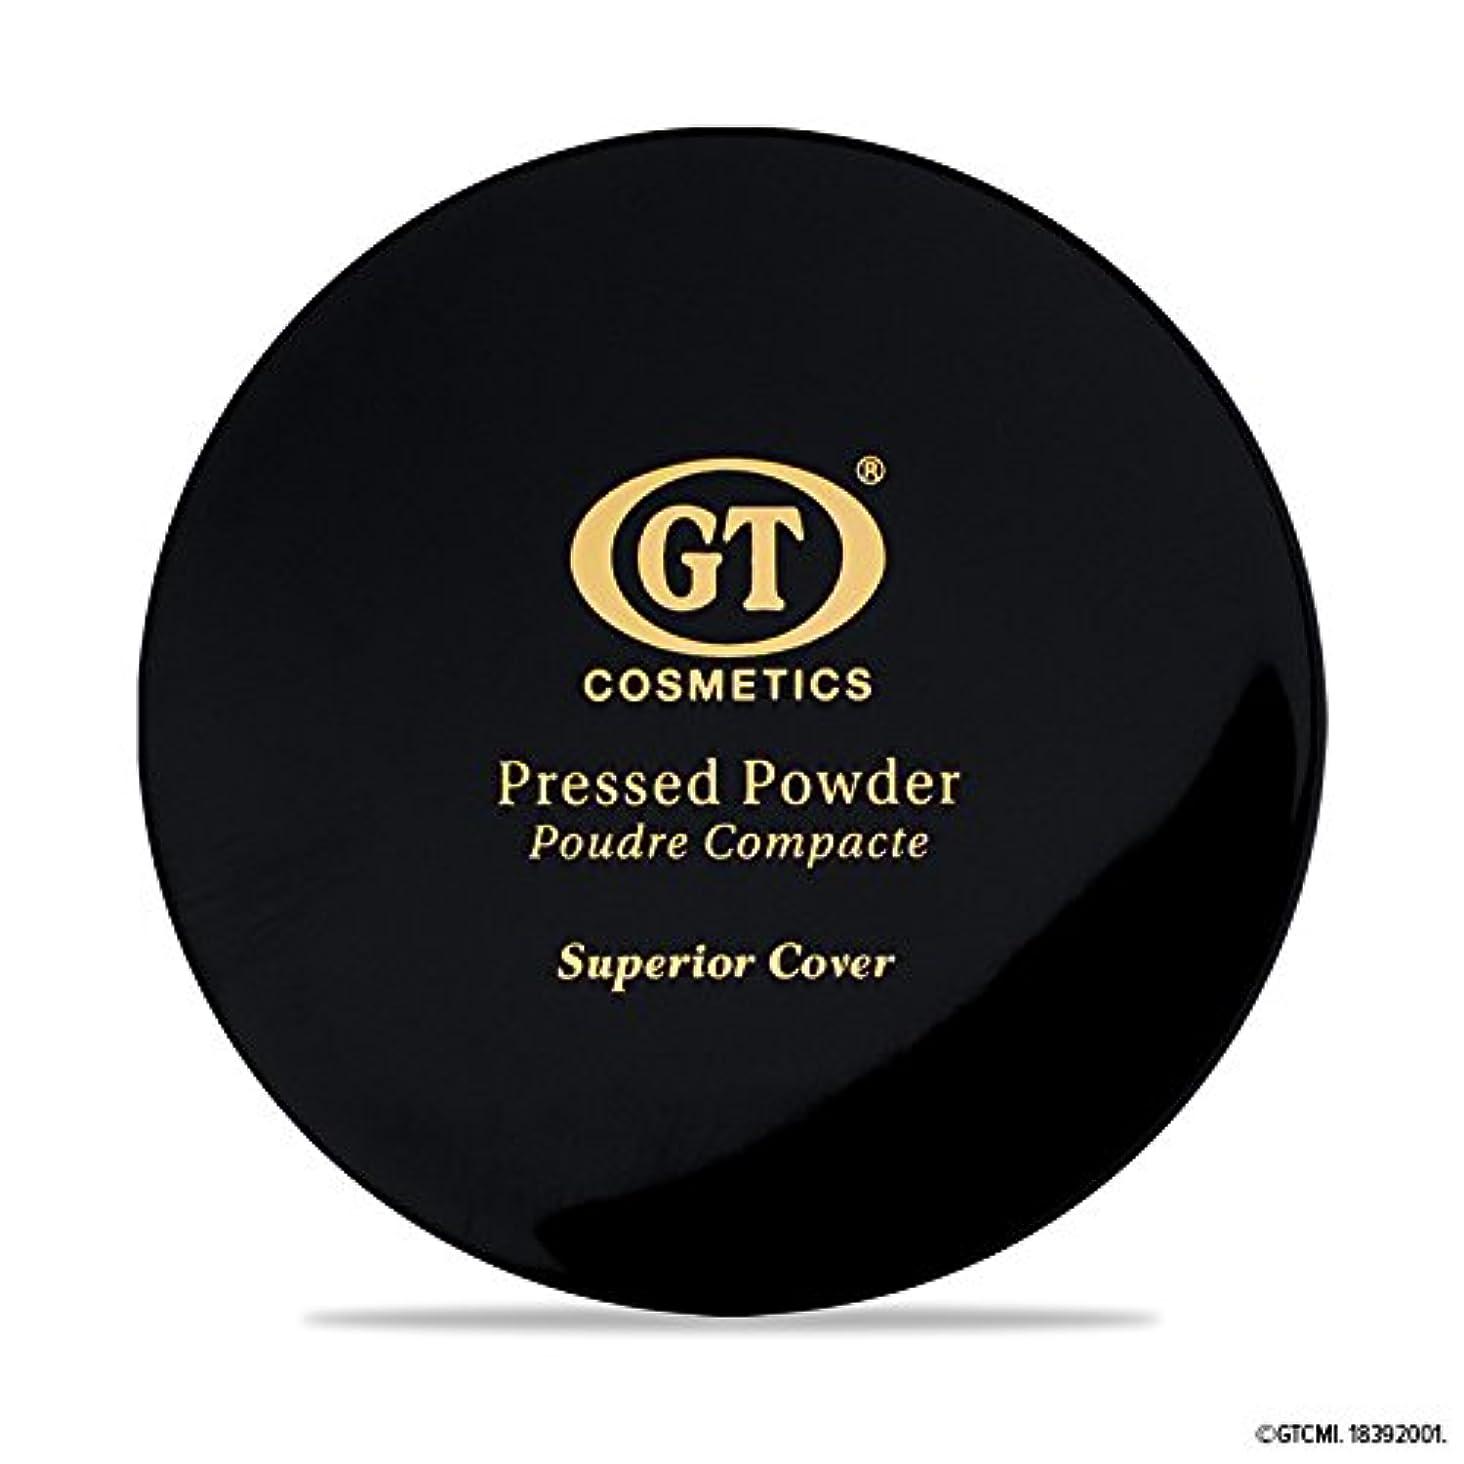 小さな脱走乞食GTpressed powder ピンクベージュ SPF20 正規輸入代理店 日本初上陸 コスメティック オーガニック ファンデーション